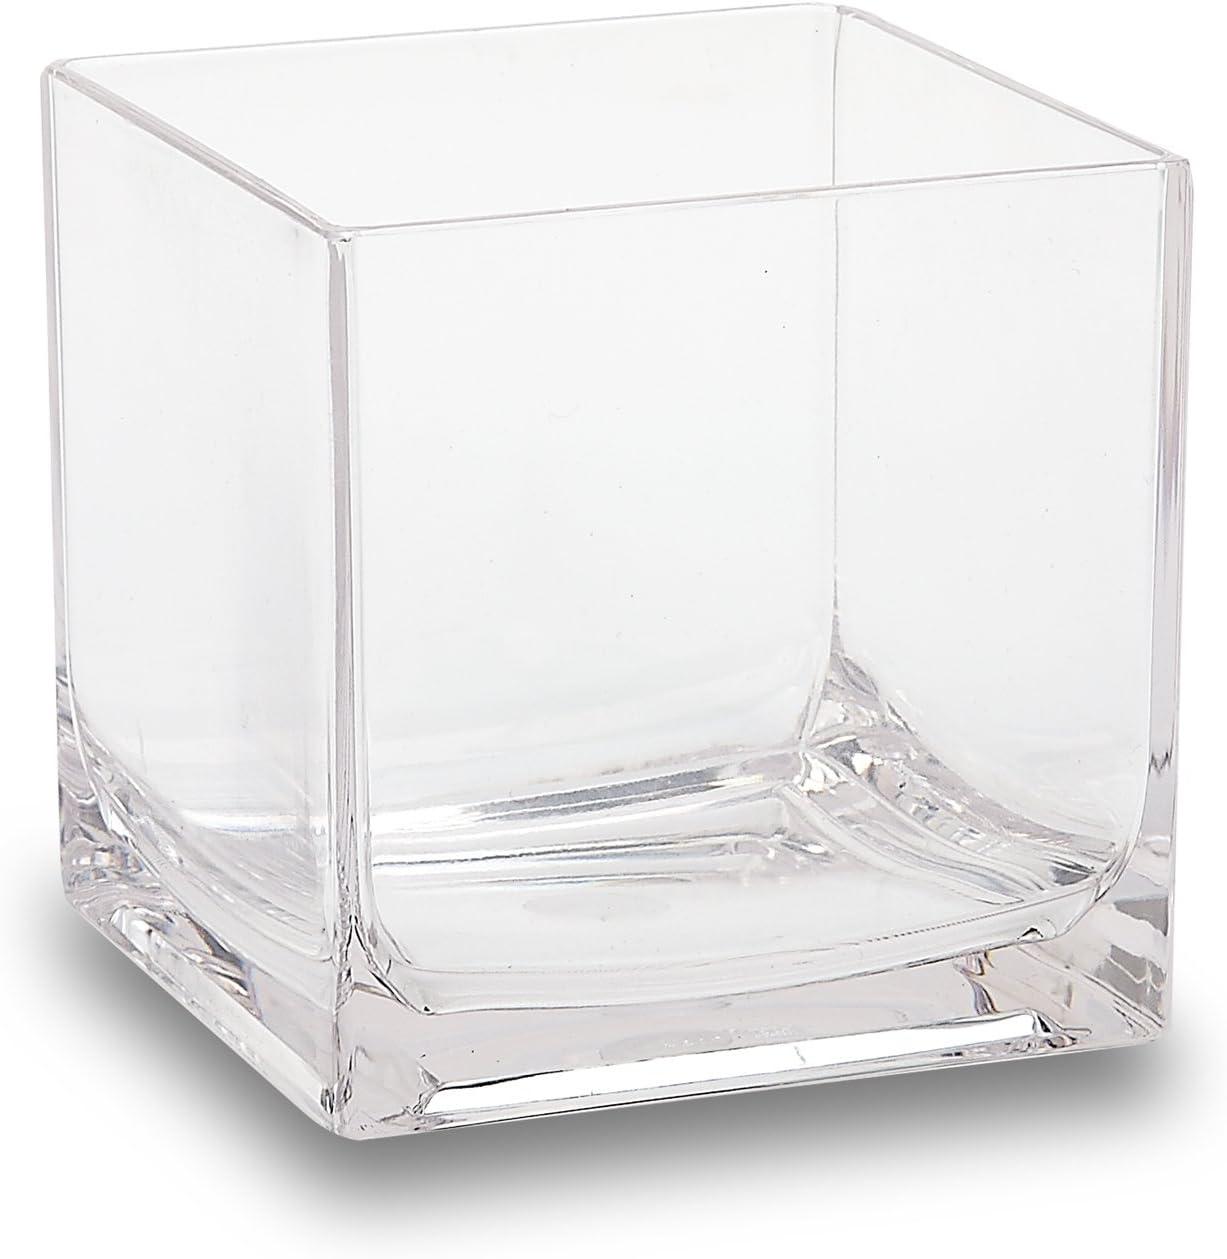 IMPULSE Osaka Cube Bowls Recommendation Small Set -Large 5 popular